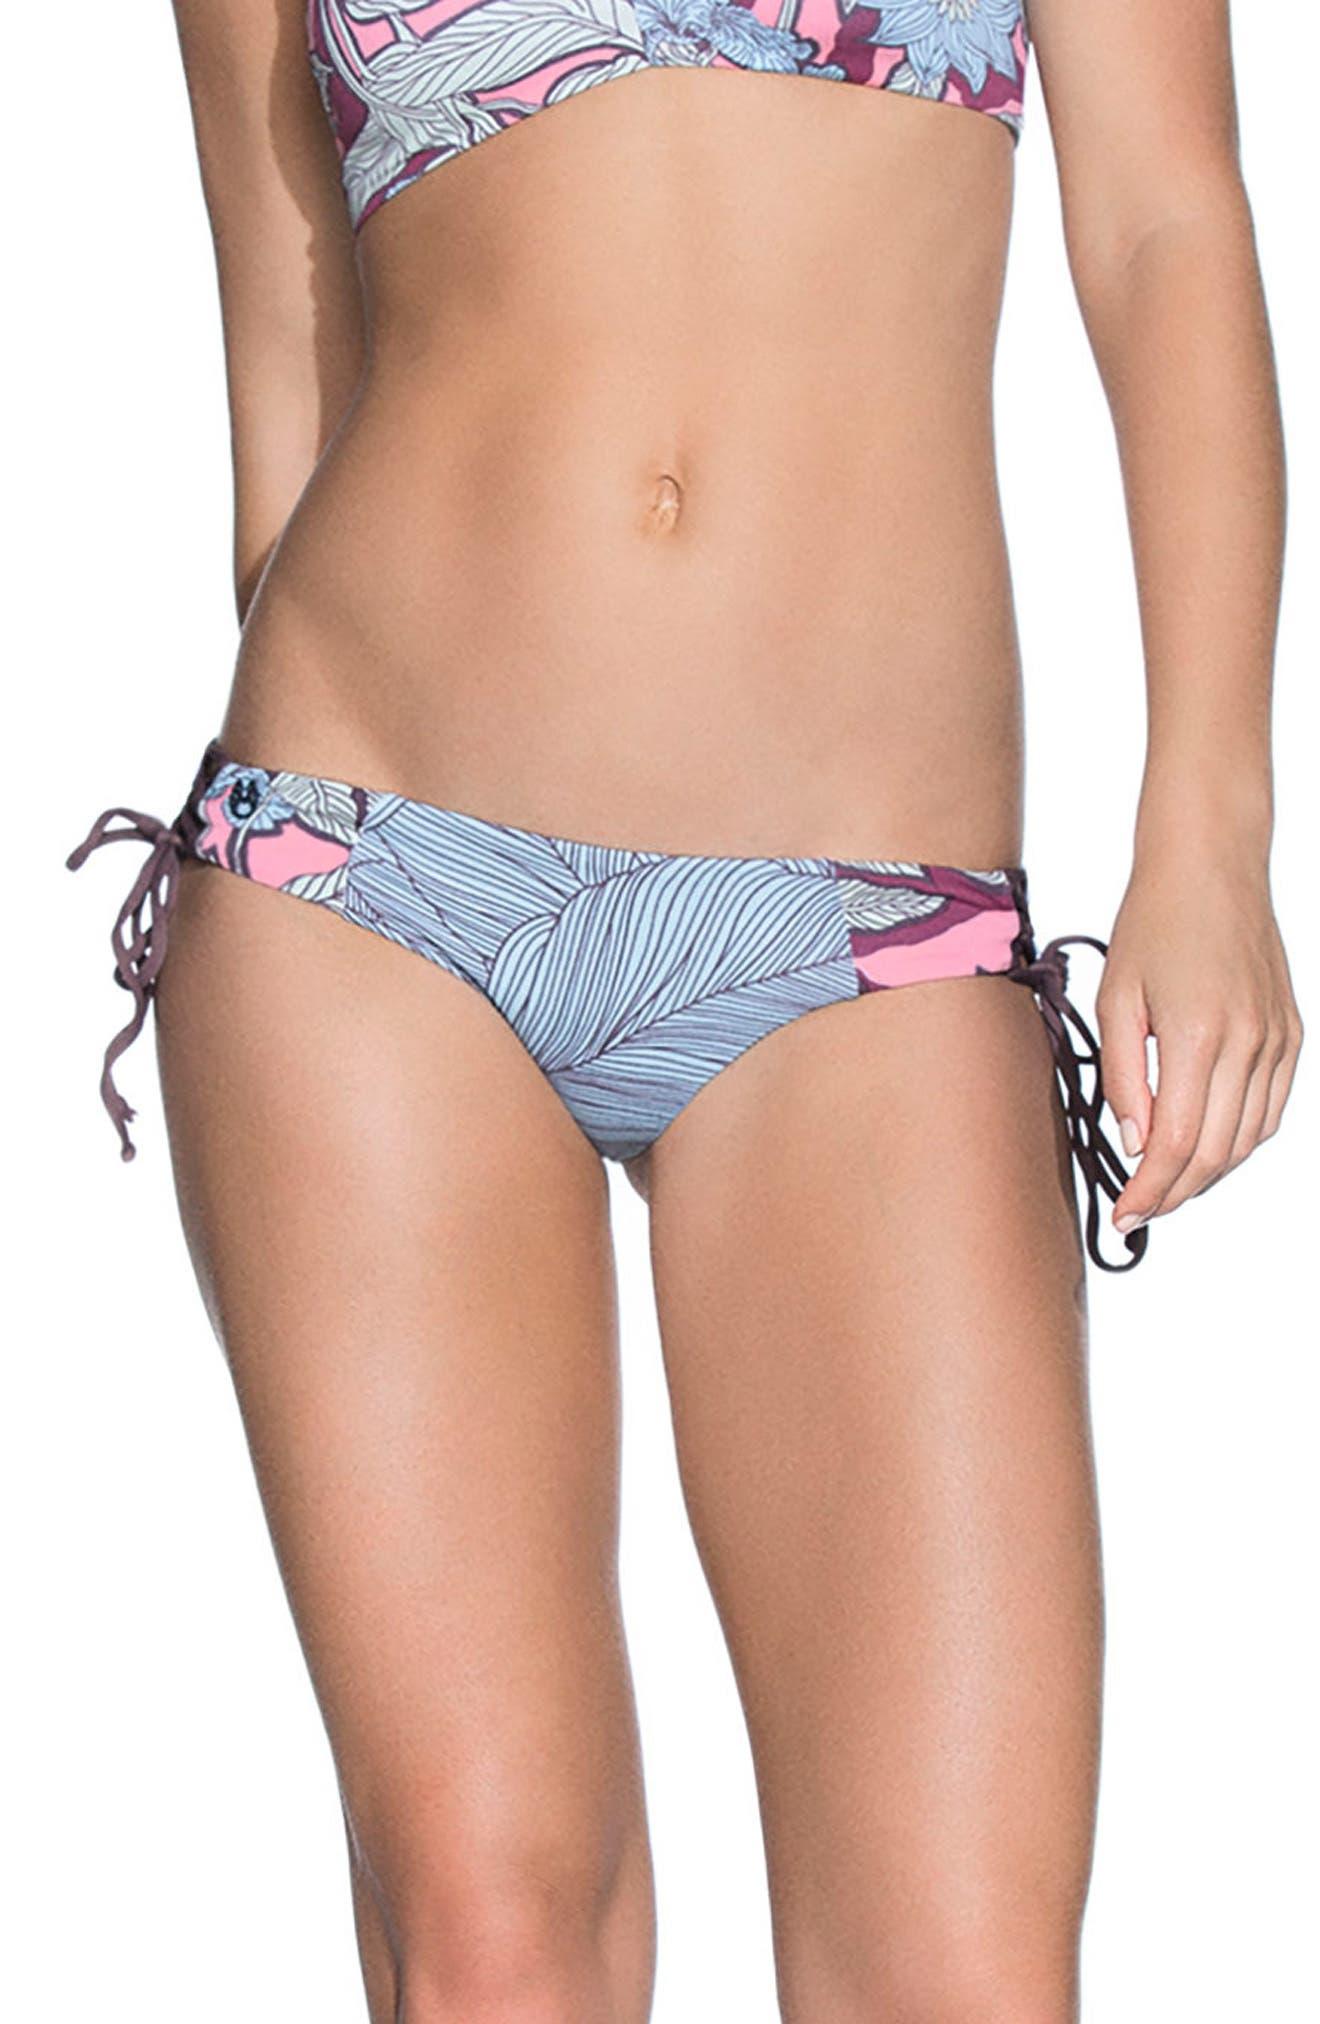 Providence Island Signature Rervsible Bikini Bottoms,                             Main thumbnail 1, color,                             Light Blue Multi